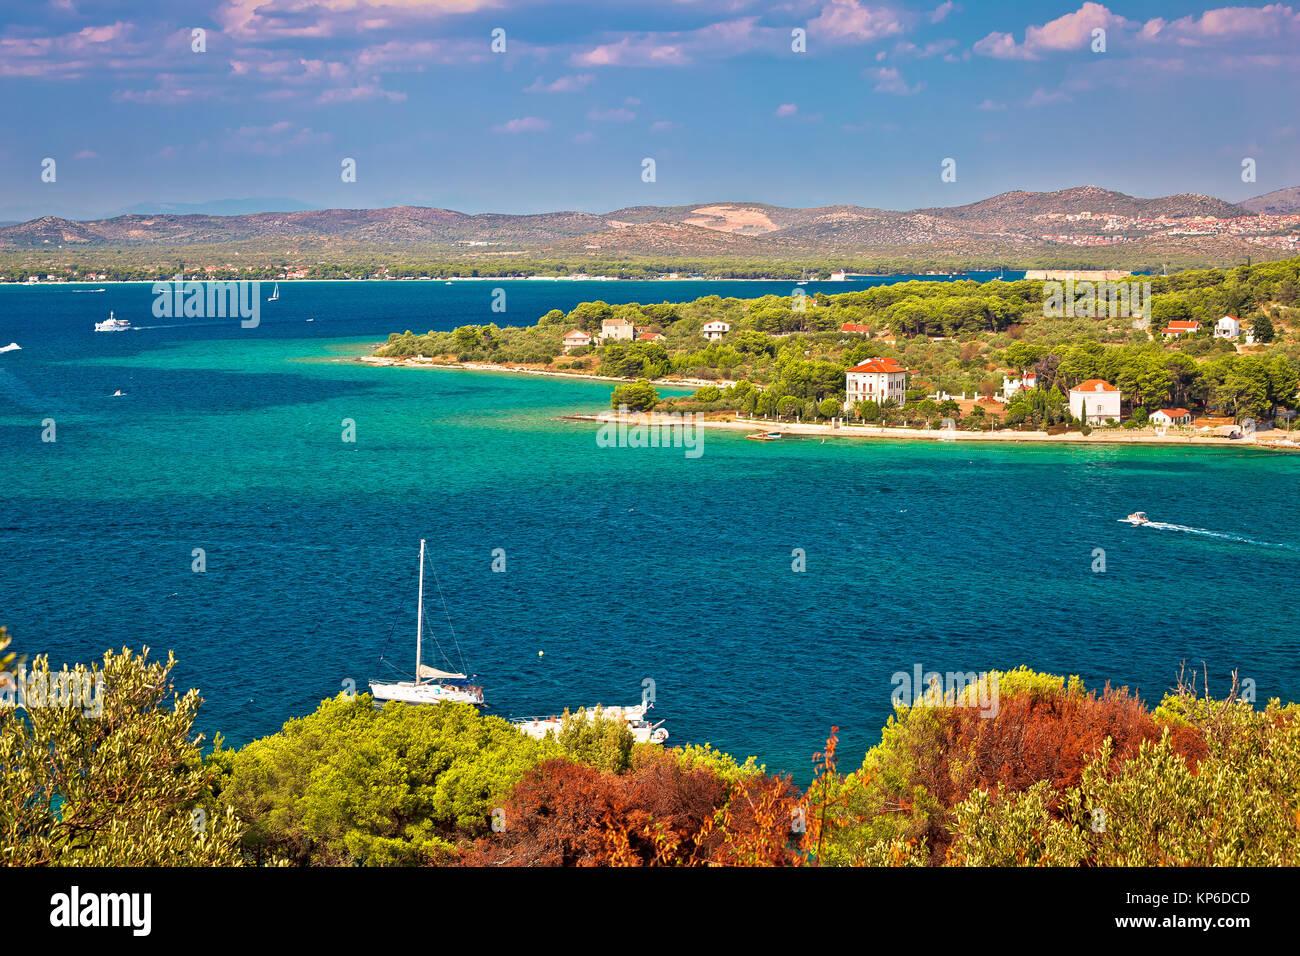 Insel Zlarin und der Archipel von Sibenik, Dalmatien Region von Kroatien Stockbild